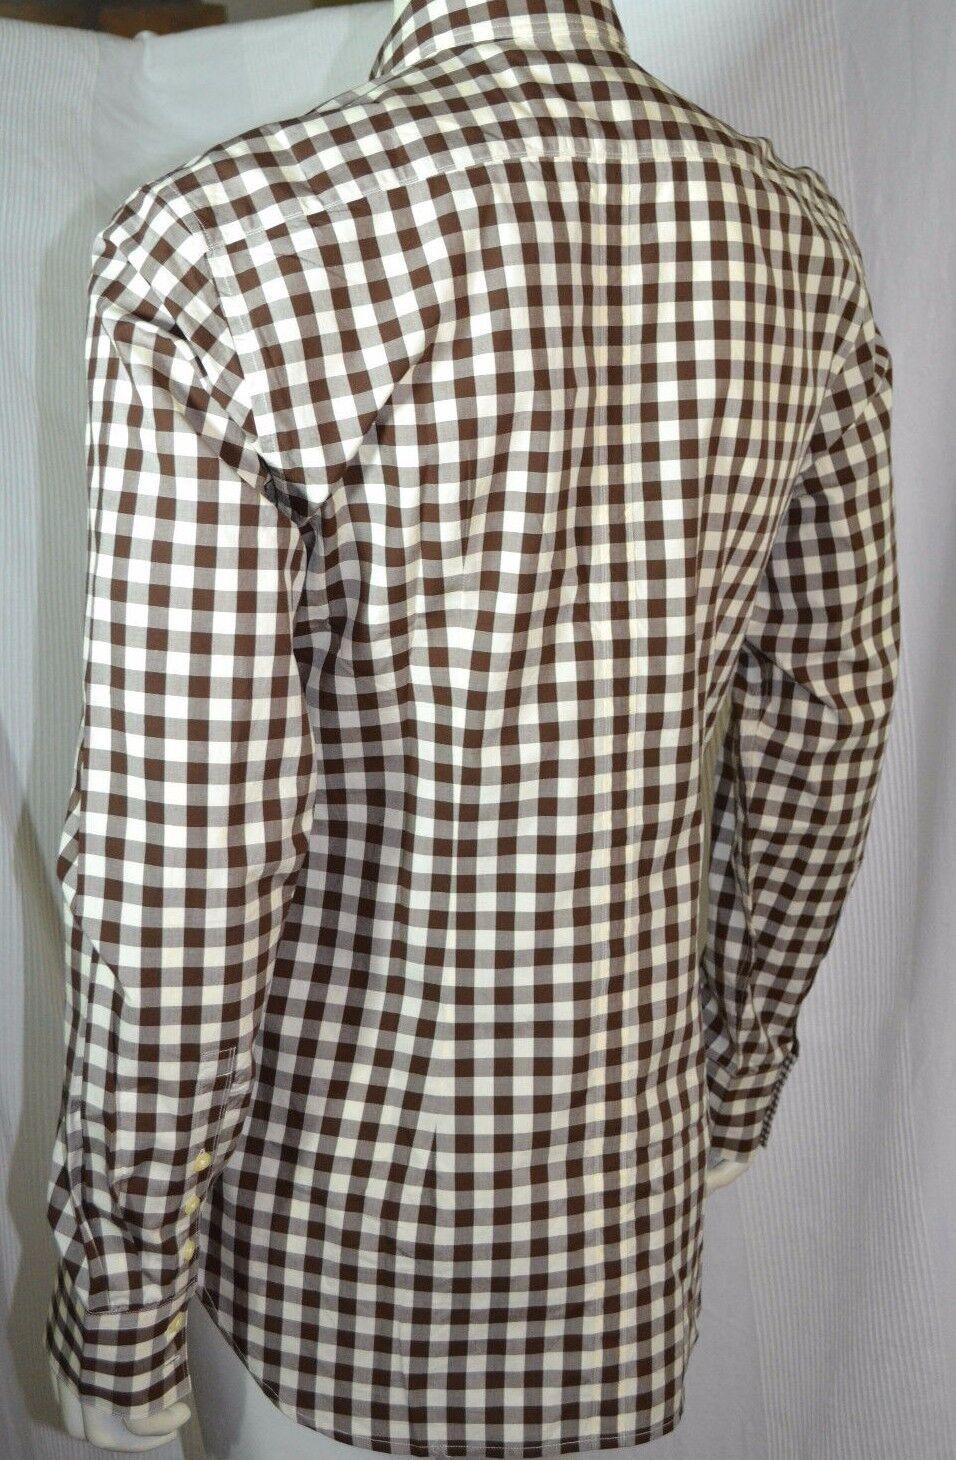 NEU   PAUL SMITH LONDON herren hemd Herren Ober Hemd chemise L neu  NEW edel